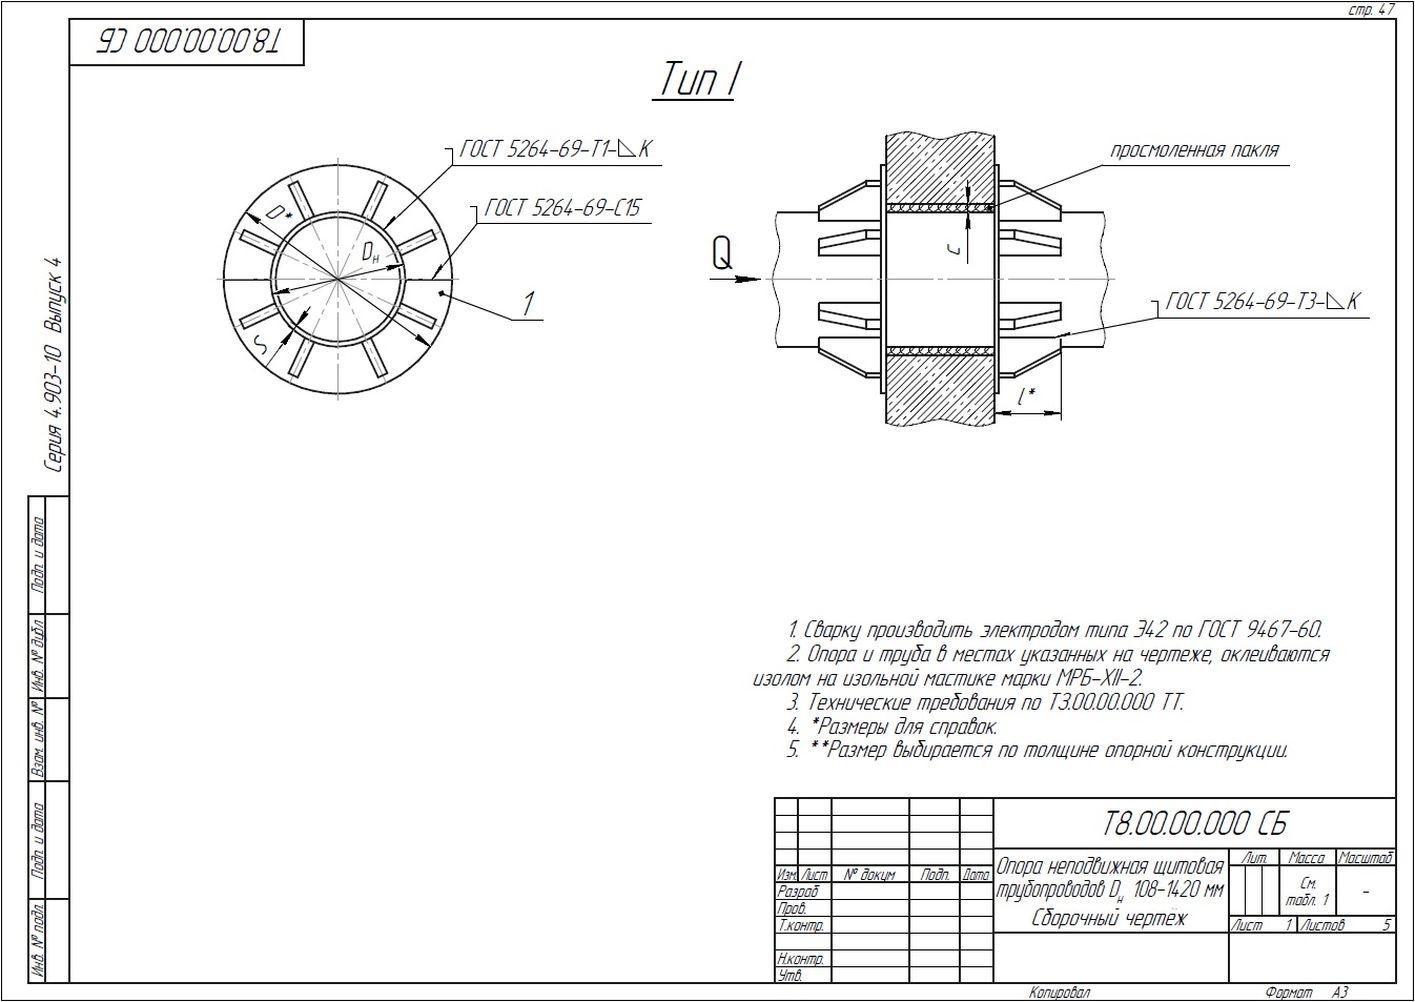 Опора неподвижная щитовая Т8 серия 4.903-10 вып.4 стр.1